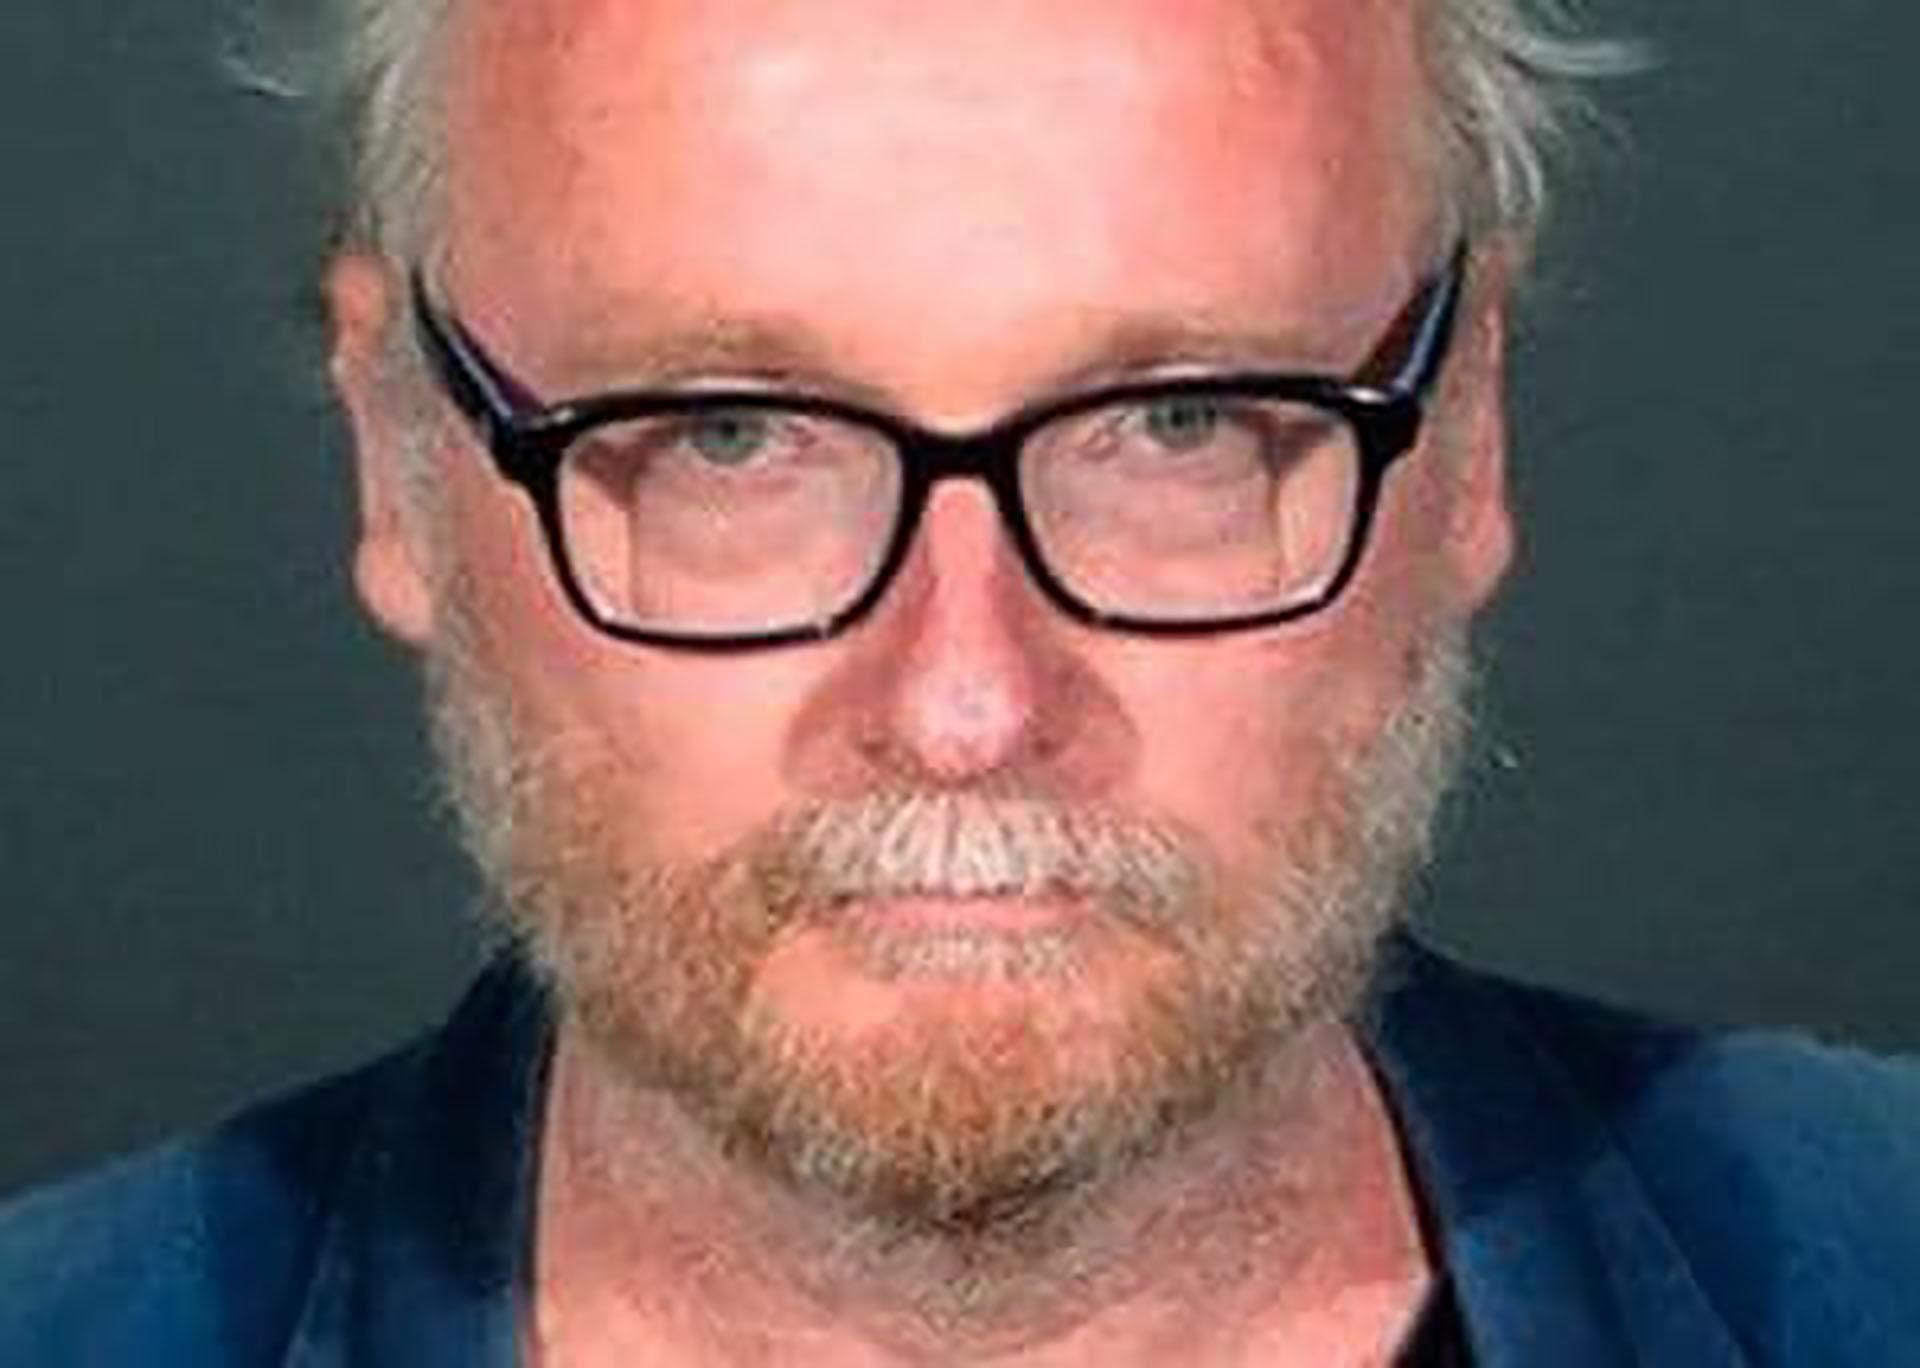 Christopher Bathum podría ser sentenciado a 65 años de prisión. Además, se le sumaron cargos por estafas a compañías aseguradoras por robar la identidad de sus pacientes y continuar con tratamientos fantasmas